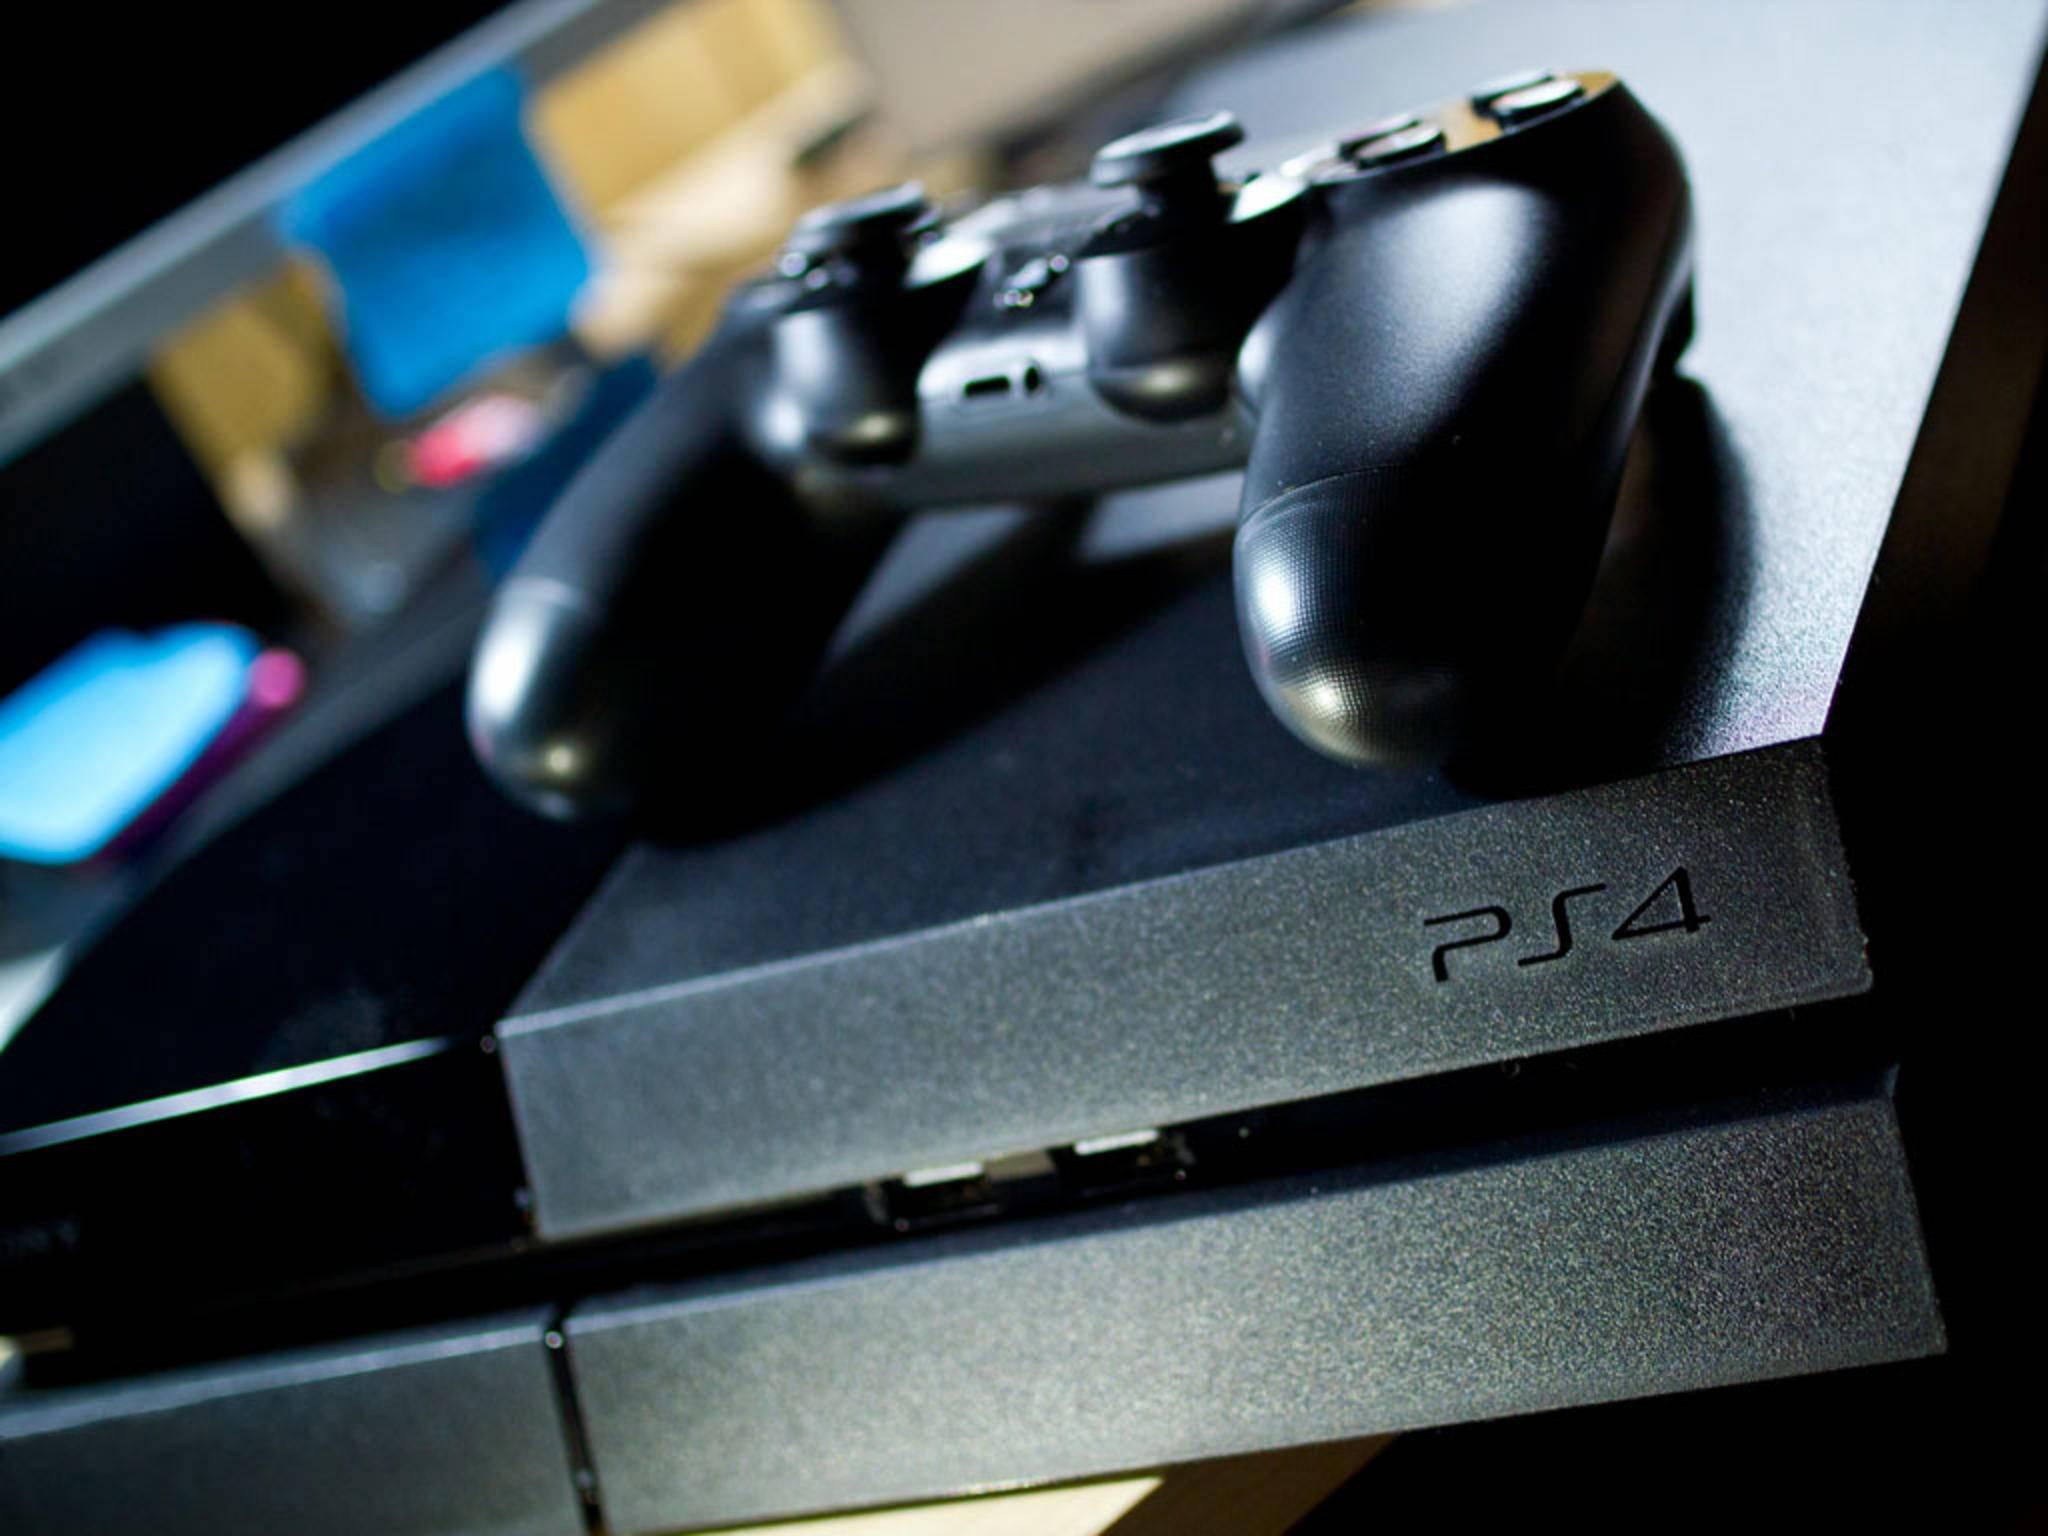 Das Update für die PlayStation 4 könnte schon sehr bald kommen.